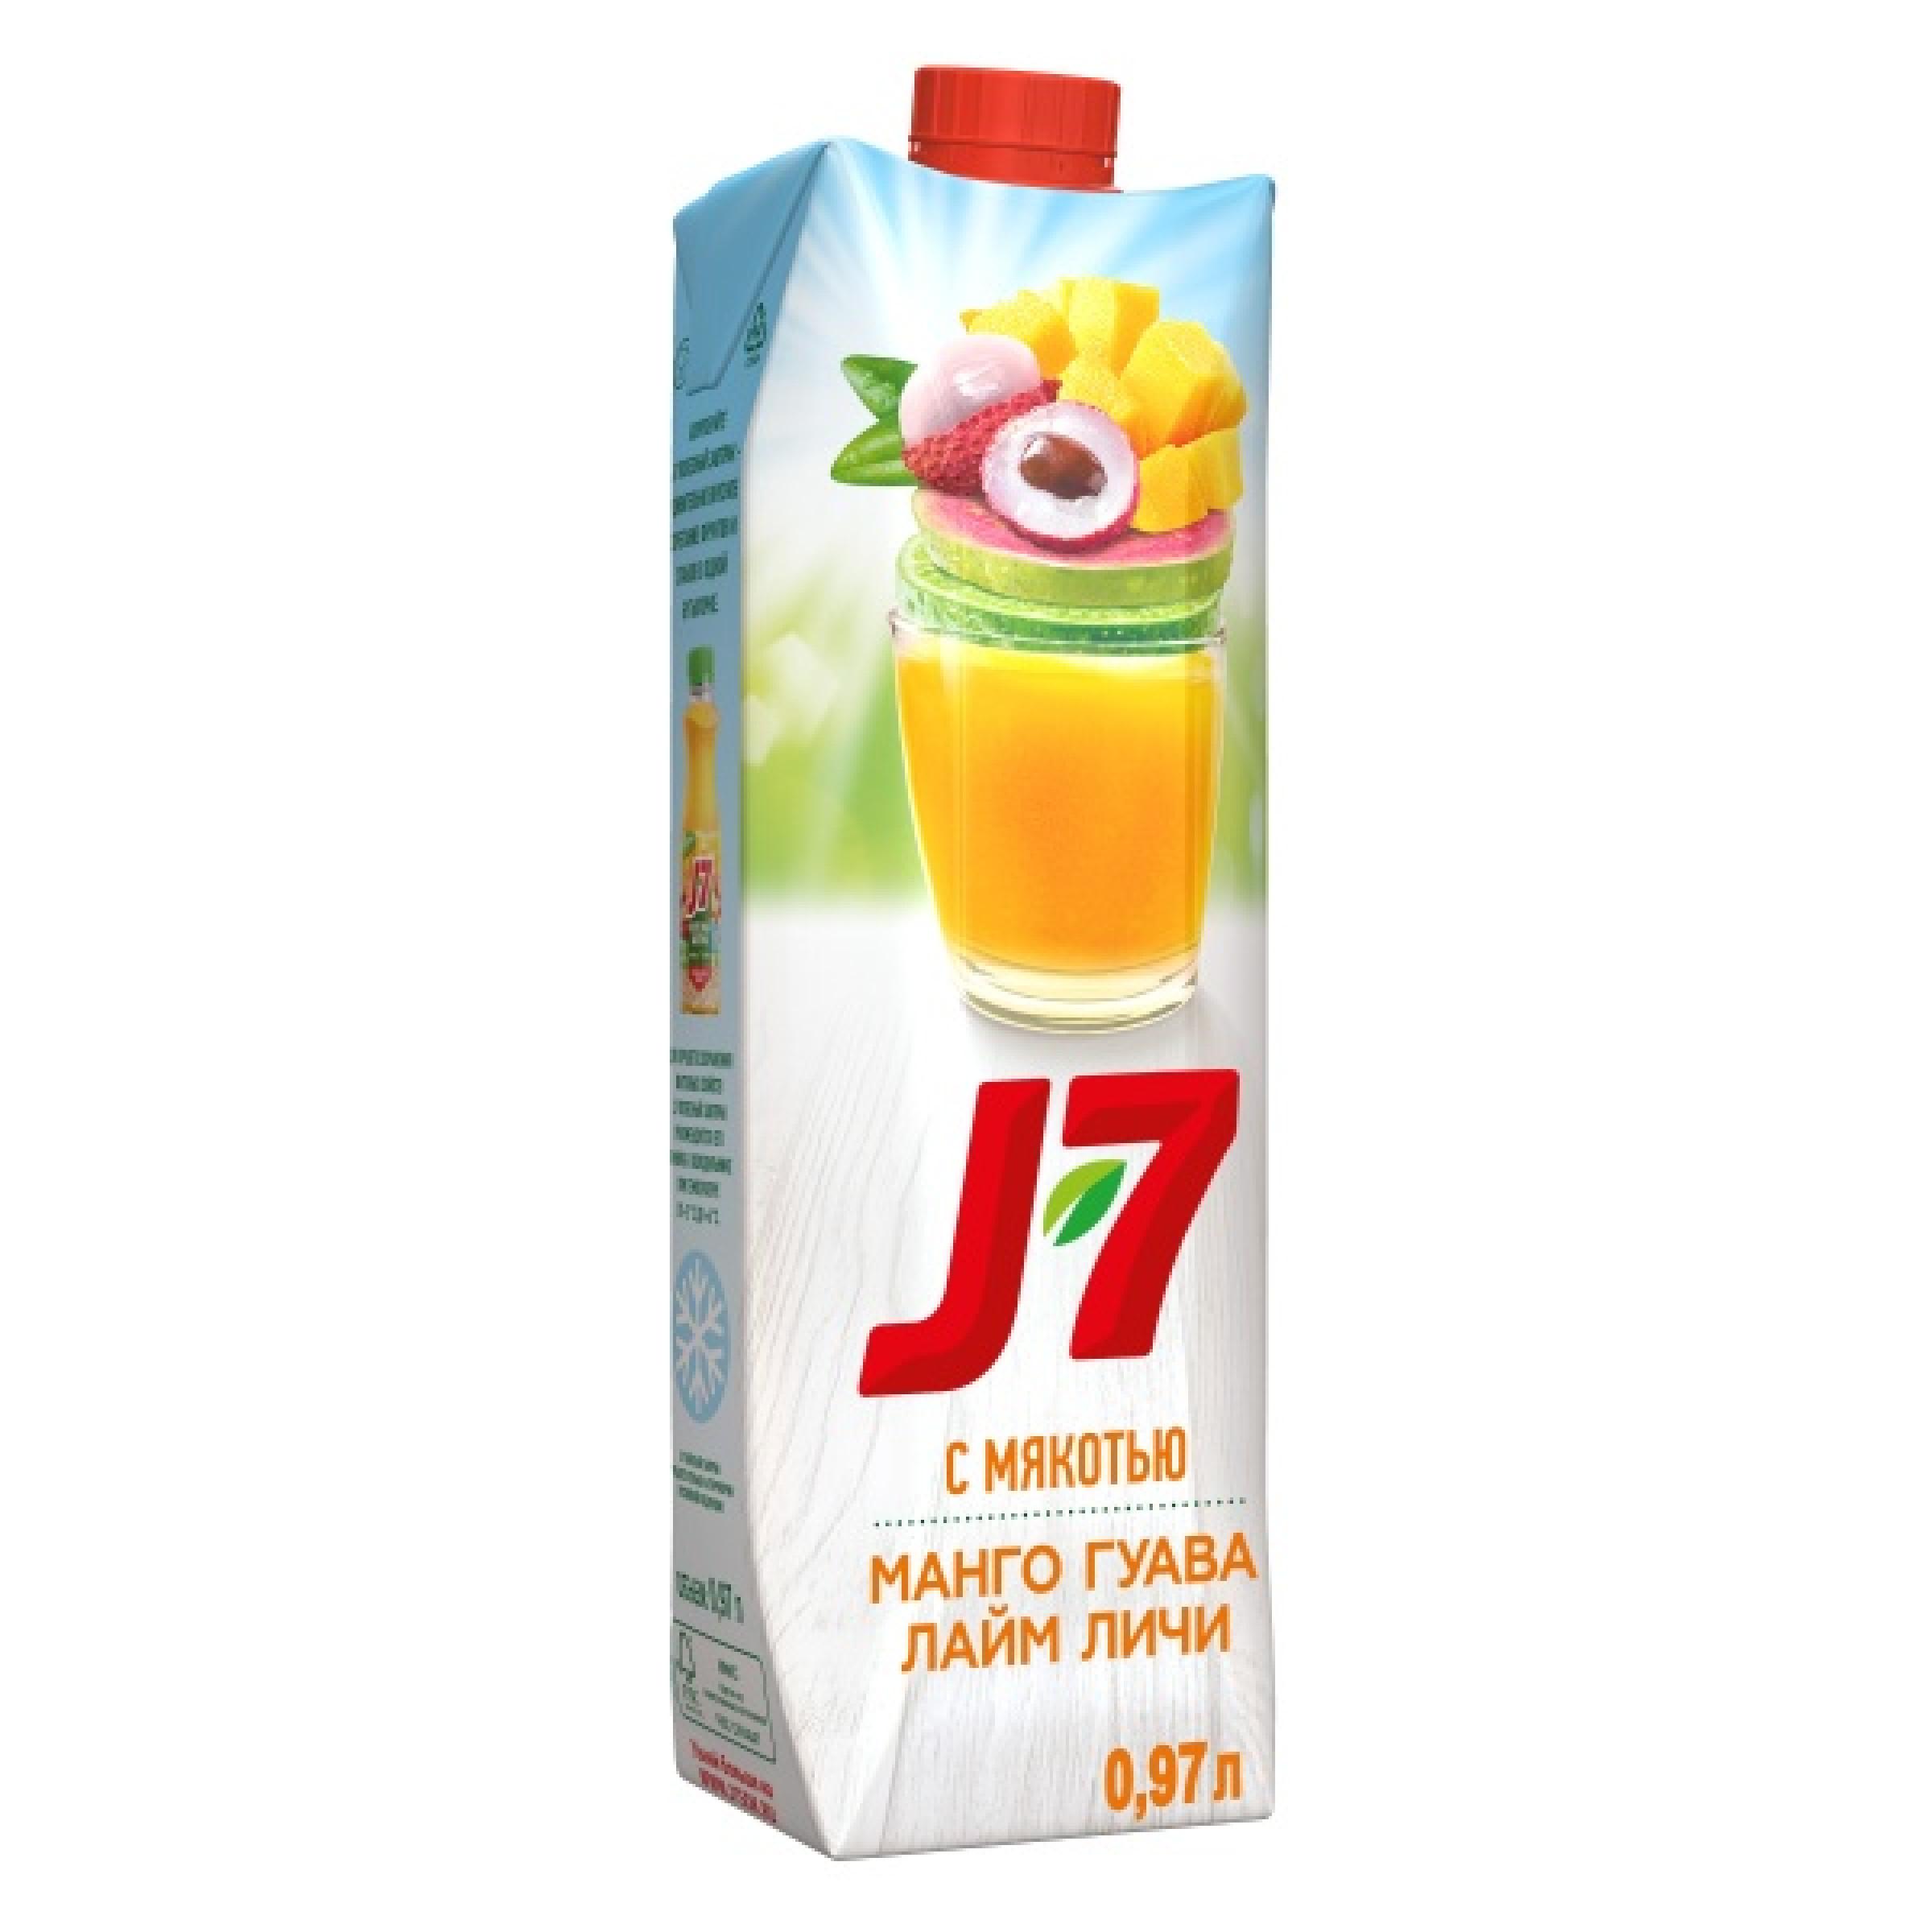 Напиток J7 лайм-личи манго-гуава, 097л